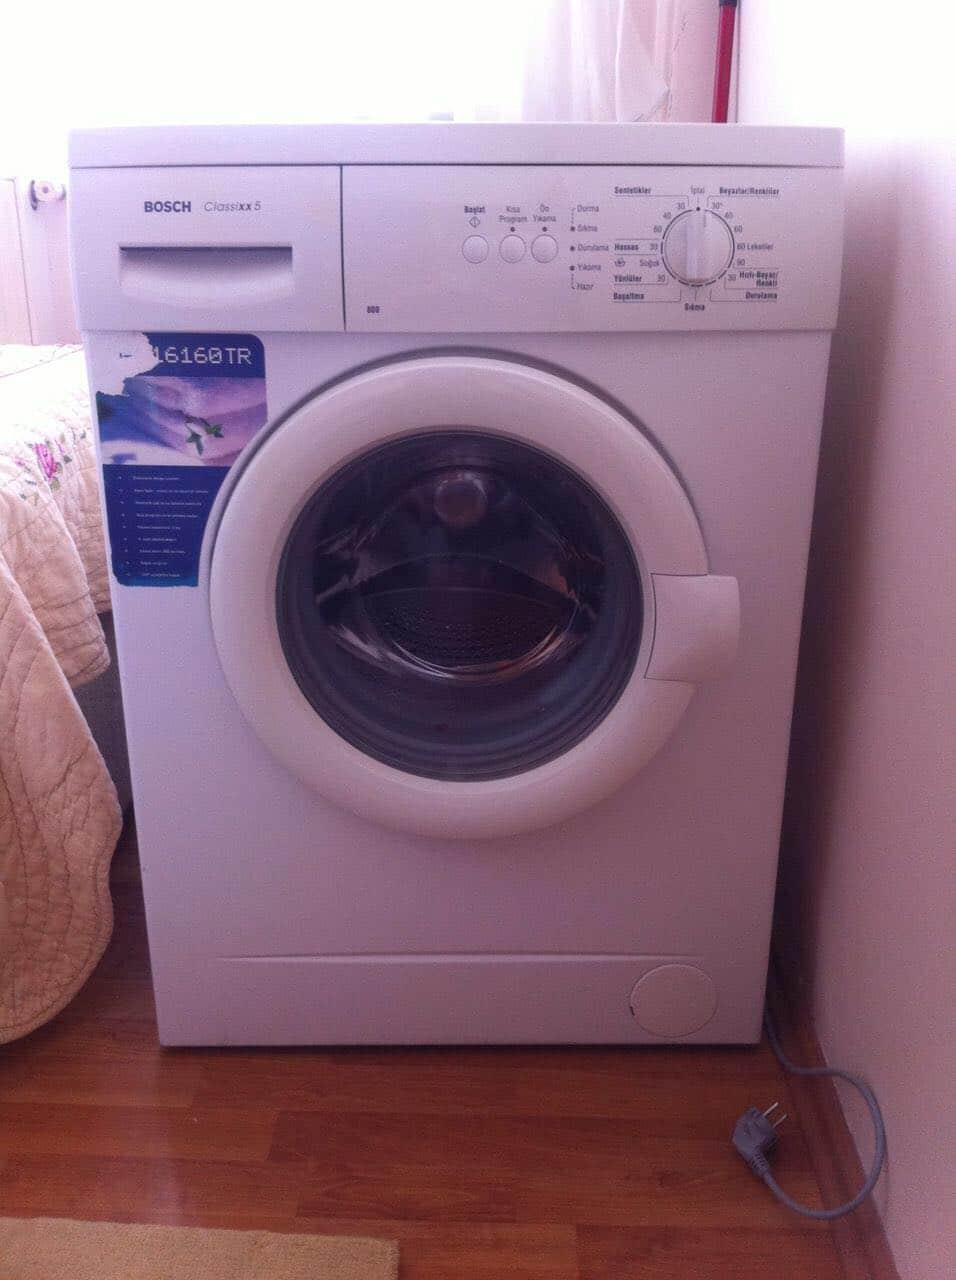 ikinci el çamaşır makinesi alan yerler İstanbul avrupa yakası